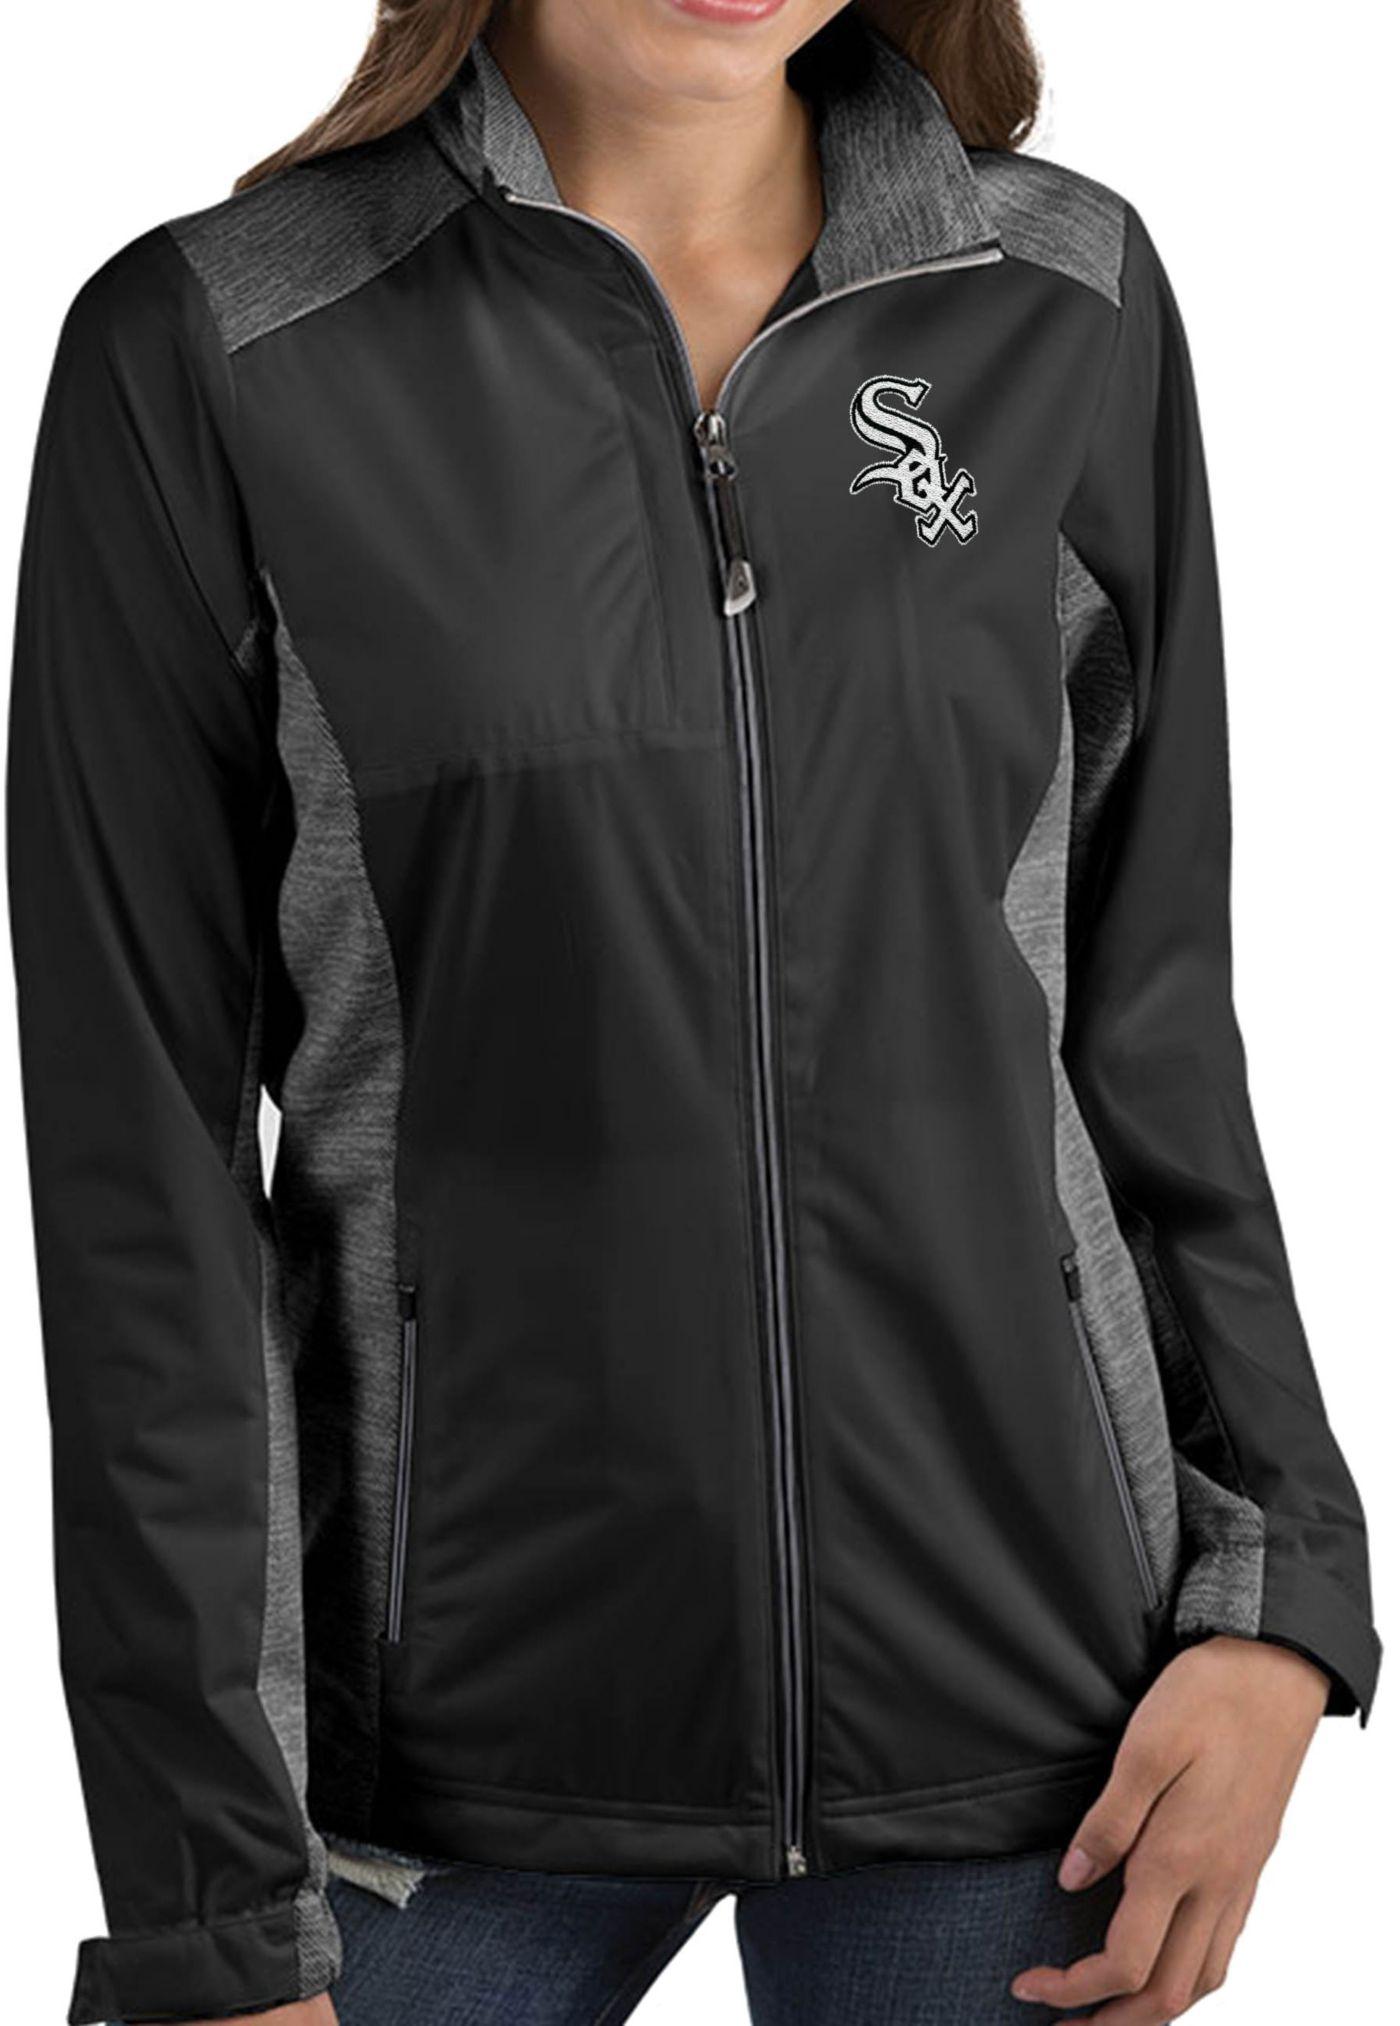 Antigua Women's Chicago White Sox Revolve Black Full-Zip Jacket